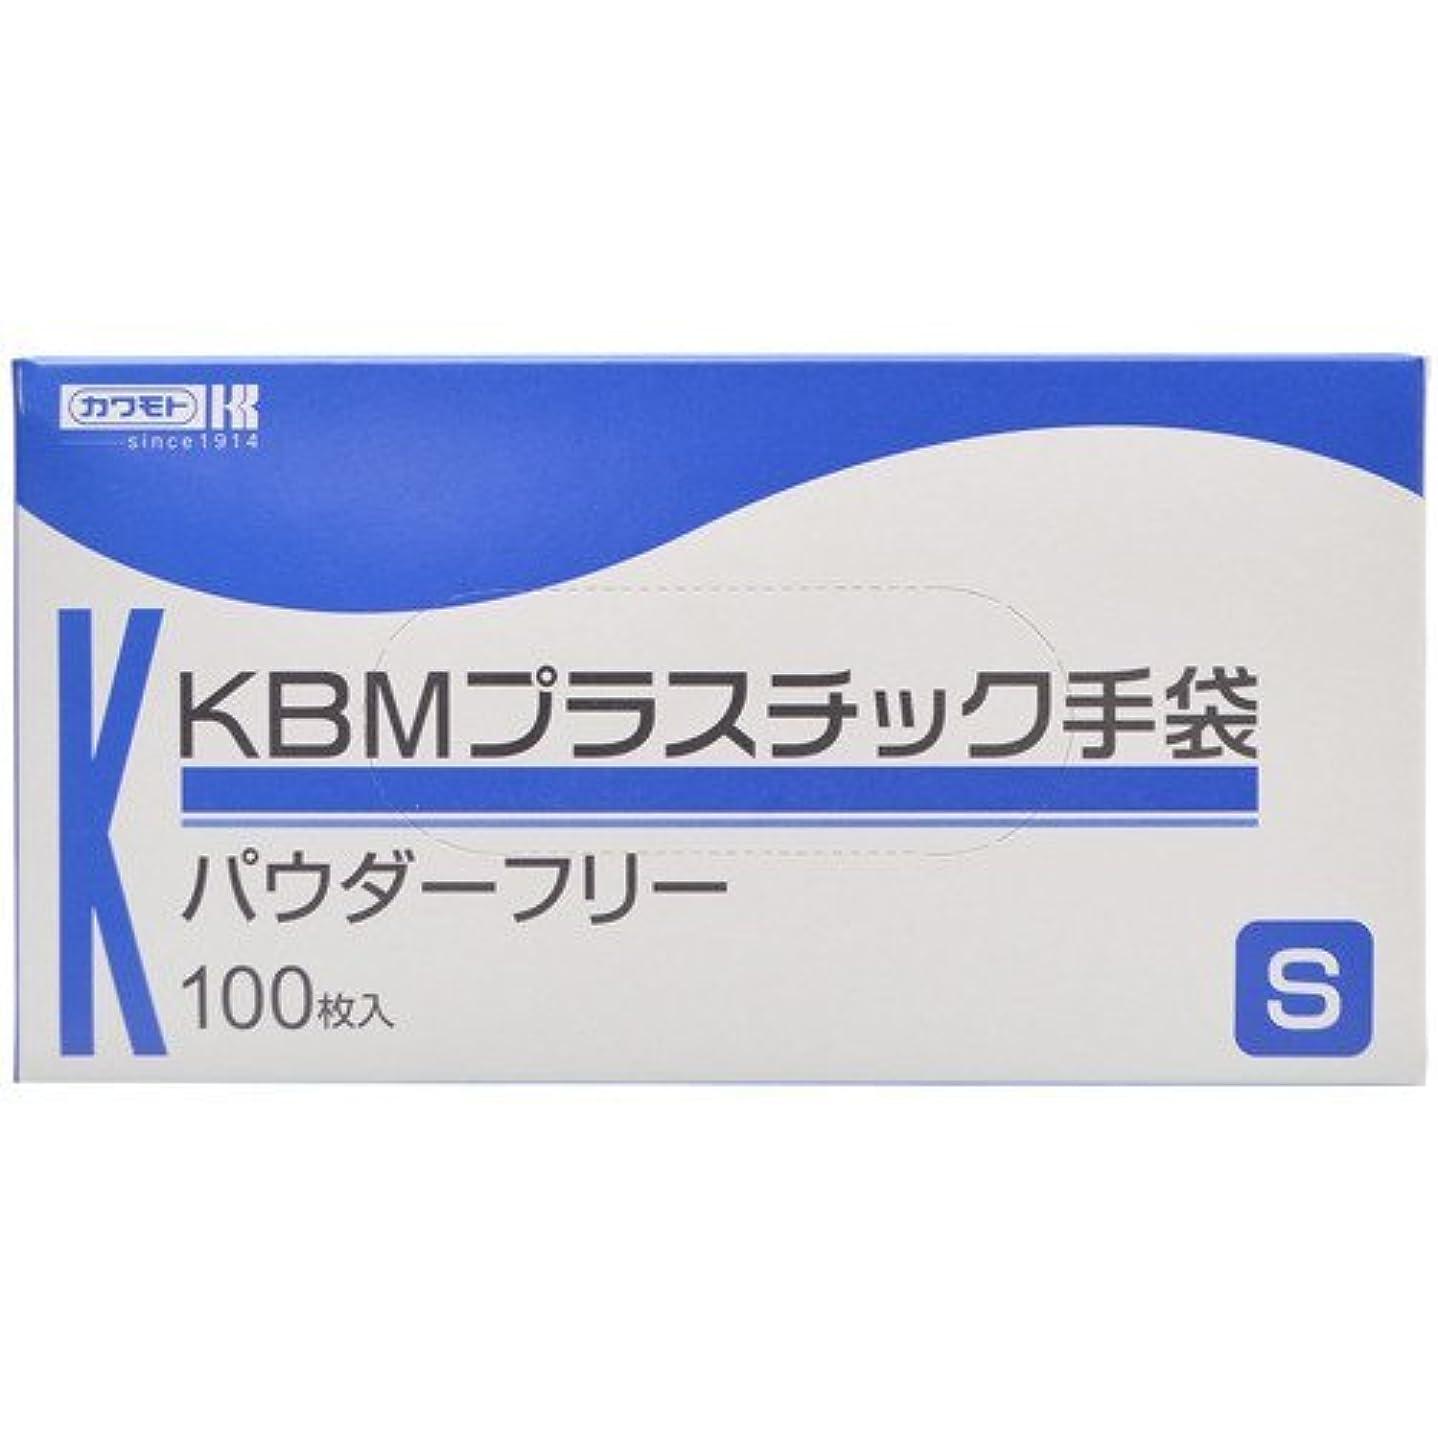 ひらめきインサートひねり川本産業 KBMプラスチック手袋 パウダーフリー S 100枚入